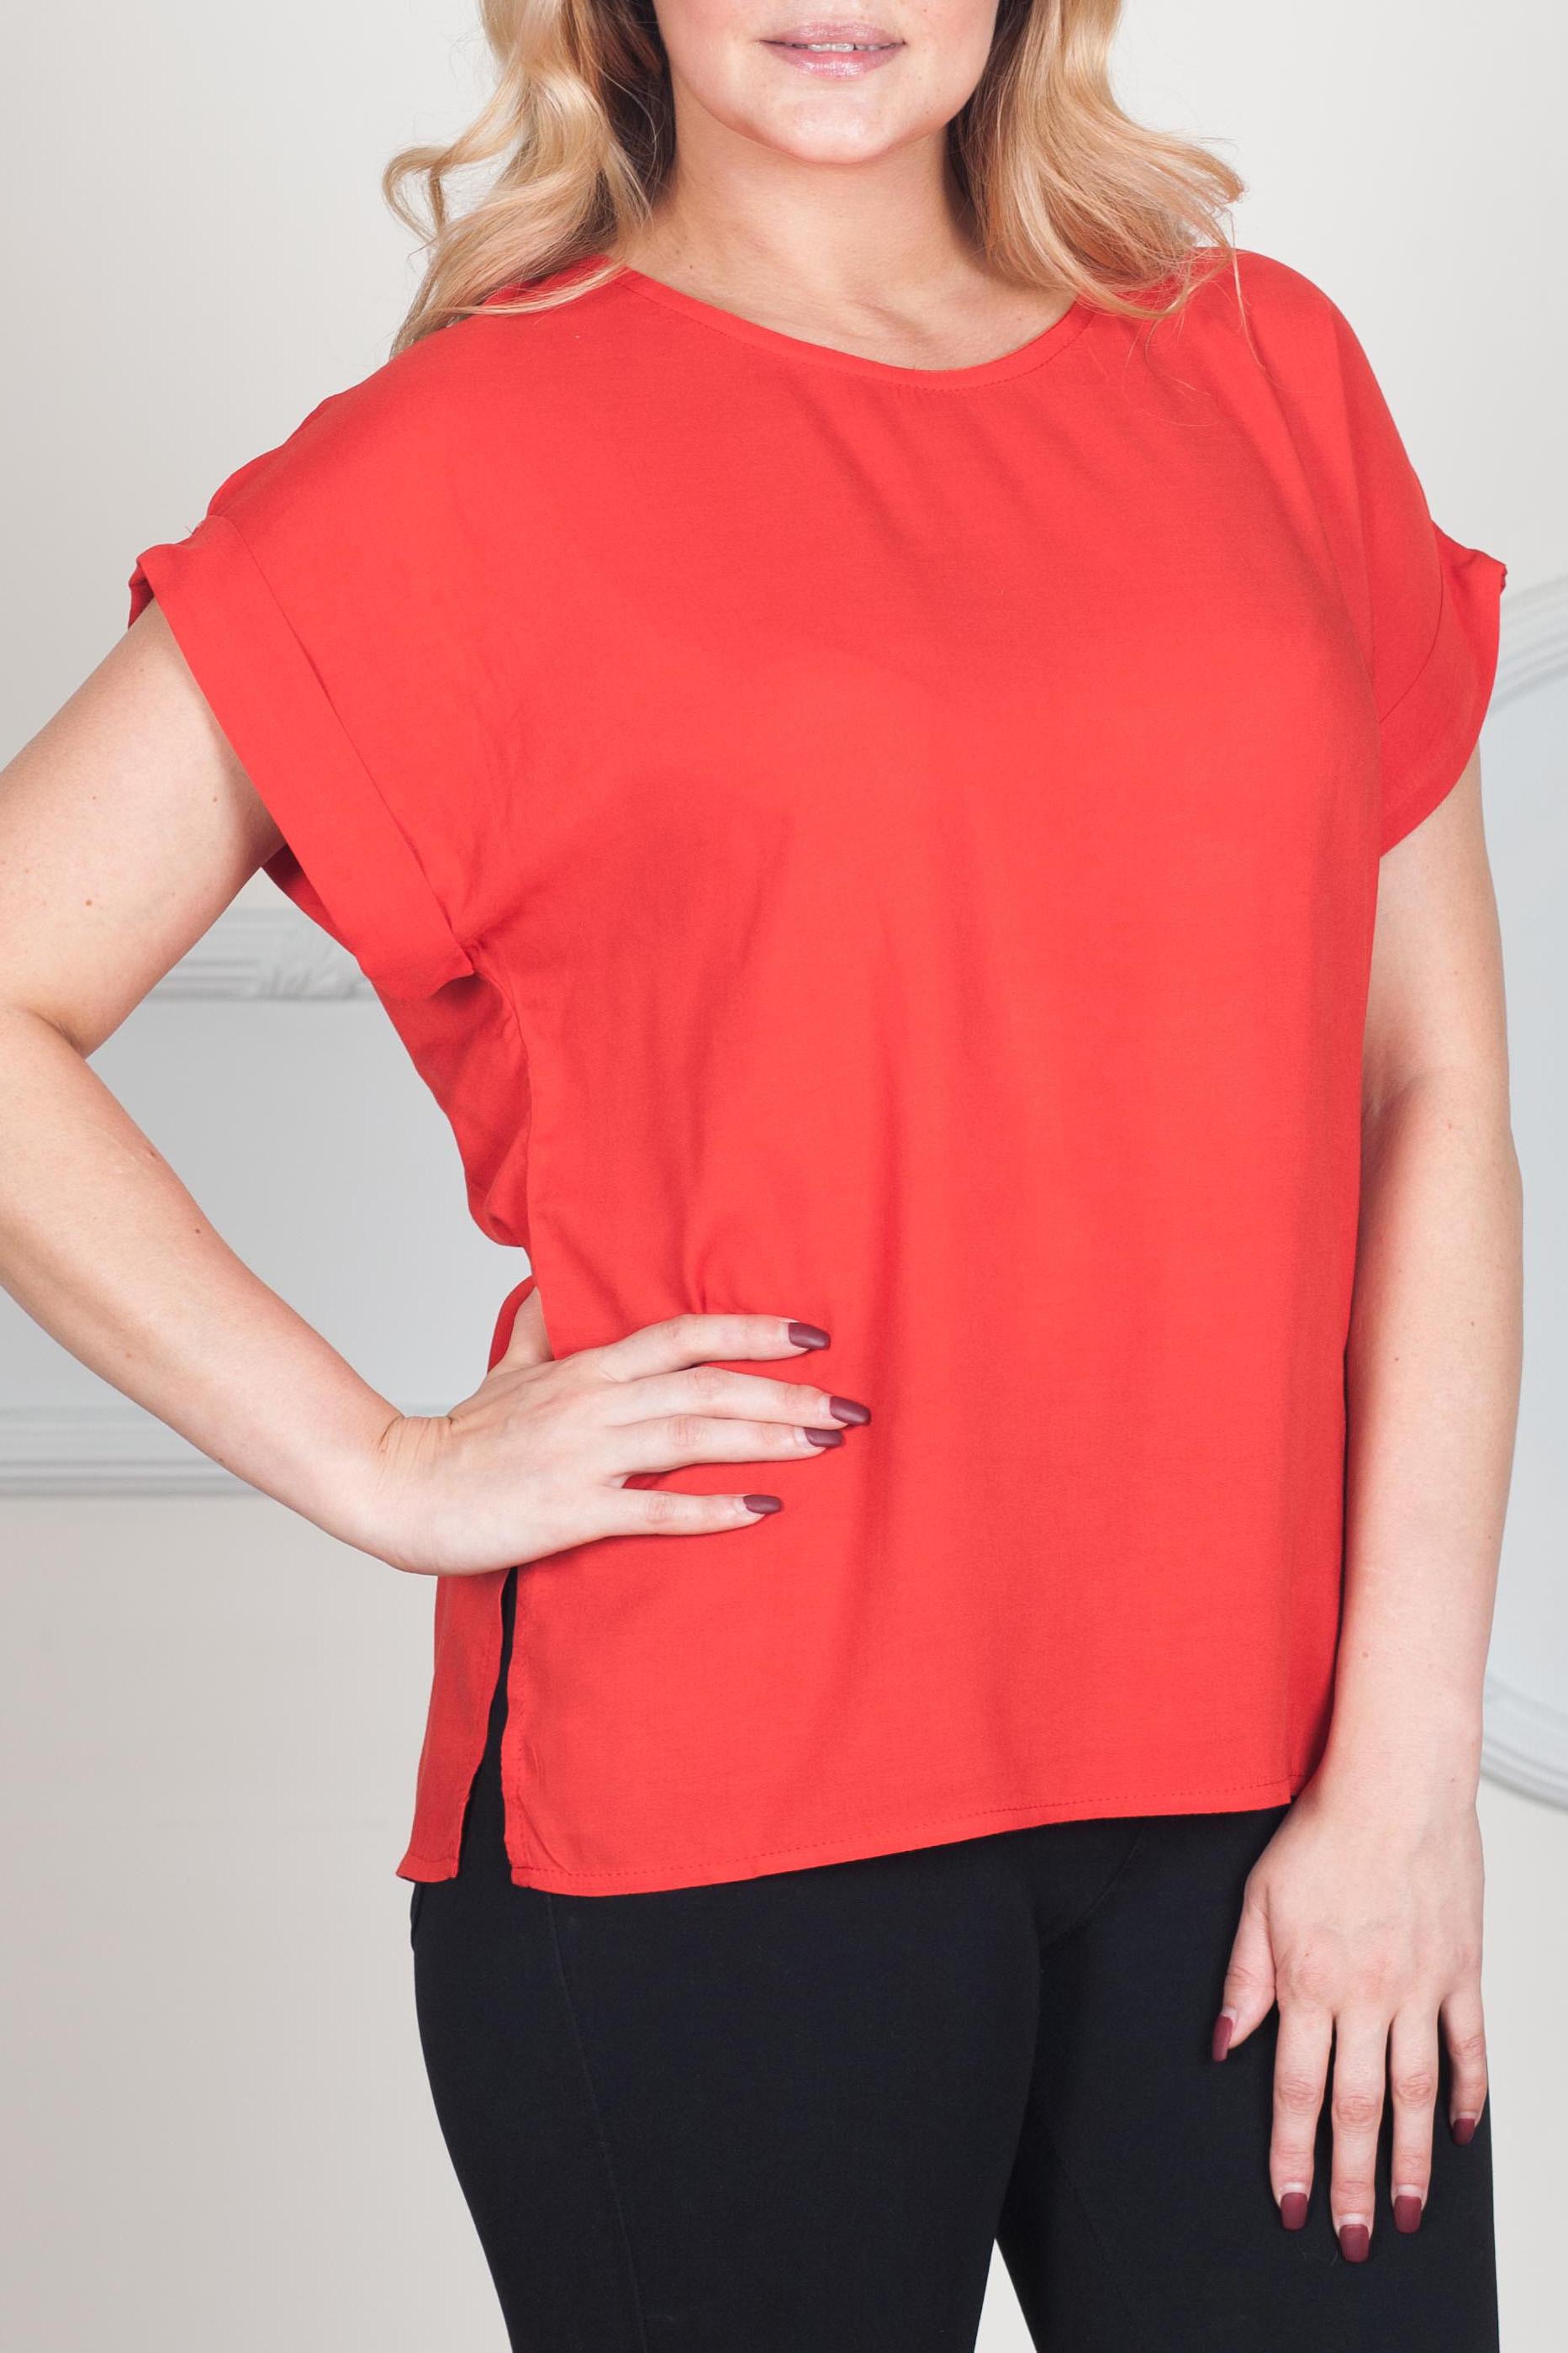 БлузаБлузки<br>Классическая женская блузка из приятного к телу трикотажа станет основой Вашего повседневного гардероба. Изделие с округлым вырезом горловины и короткими рукавами.  Цвет: красный.  Рост девушки-фотомодели 170 см<br><br>Горловина: С- горловина<br>По материалу: Хлопок<br>По образу: Город,Офис,Свидание<br>По рисунку: Однотонные<br>По сезону: Весна,Зима,Лето,Осень,Всесезон<br>По силуэту: Прямые<br>По стилю: Классический стиль,Кэжуал,Офисный стиль,Повседневный стиль<br>По элементам: С декором,С манжетами<br>Рукав: Короткий рукав<br>Размер : 42,44,46,48,50,52,54,56<br>Материал: Хлопок<br>Количество в наличии: 8